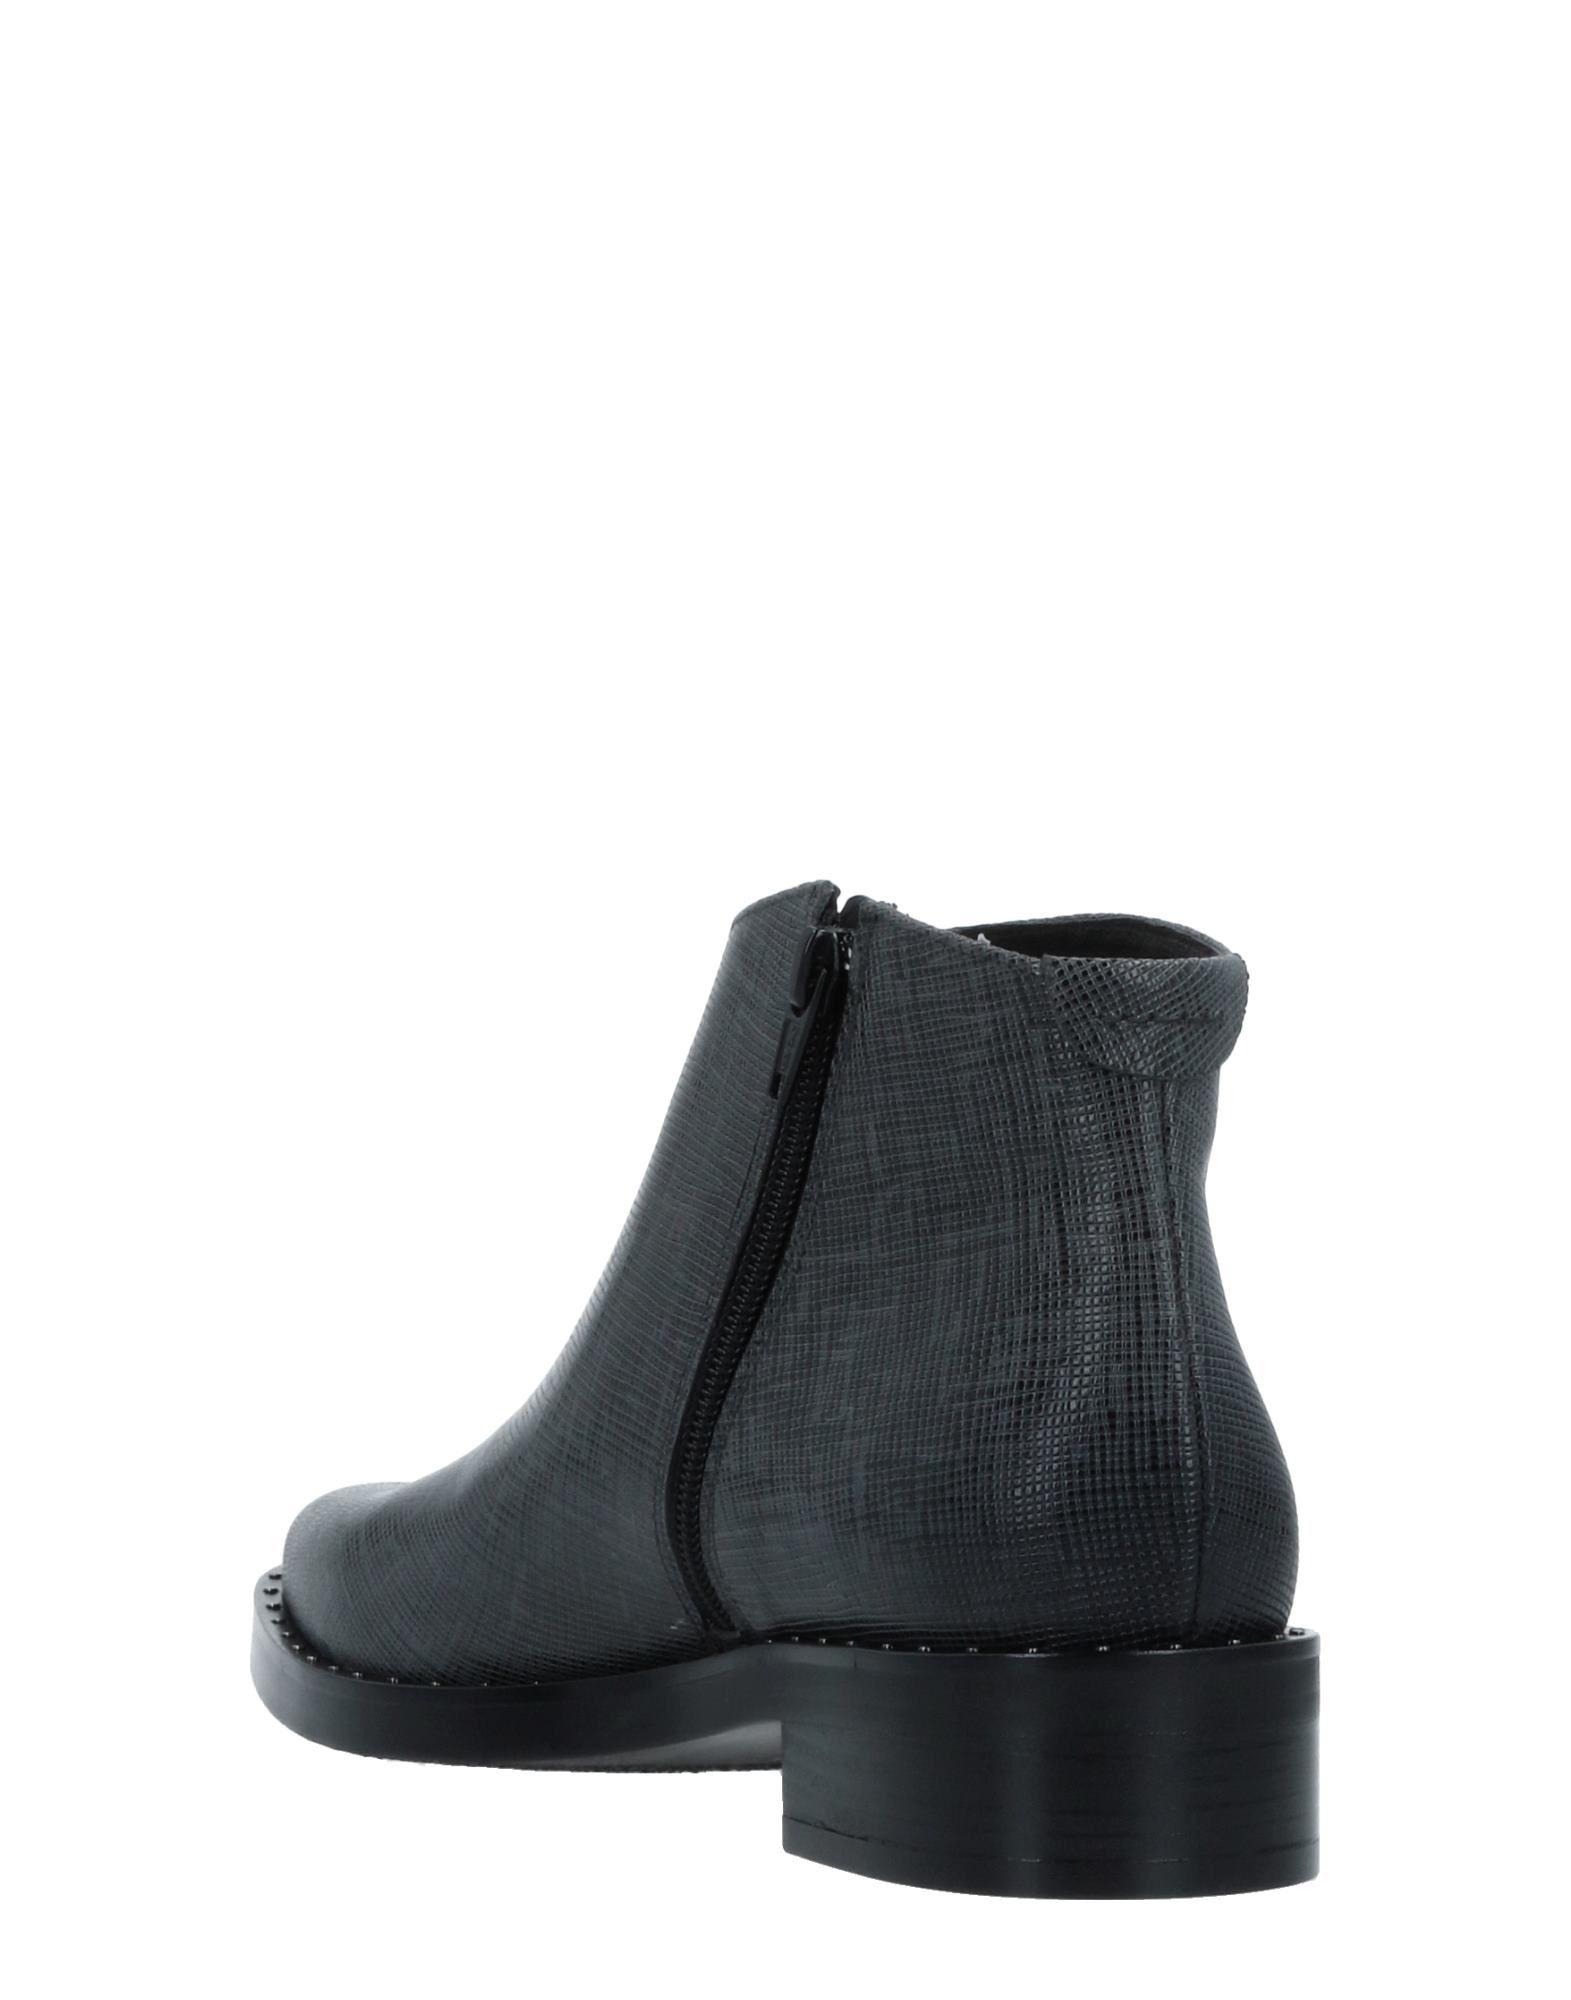 Stilvolle Stilvolle Stilvolle billige Schuhe Zinda Stiefelette Damen  11518034GK 40e642